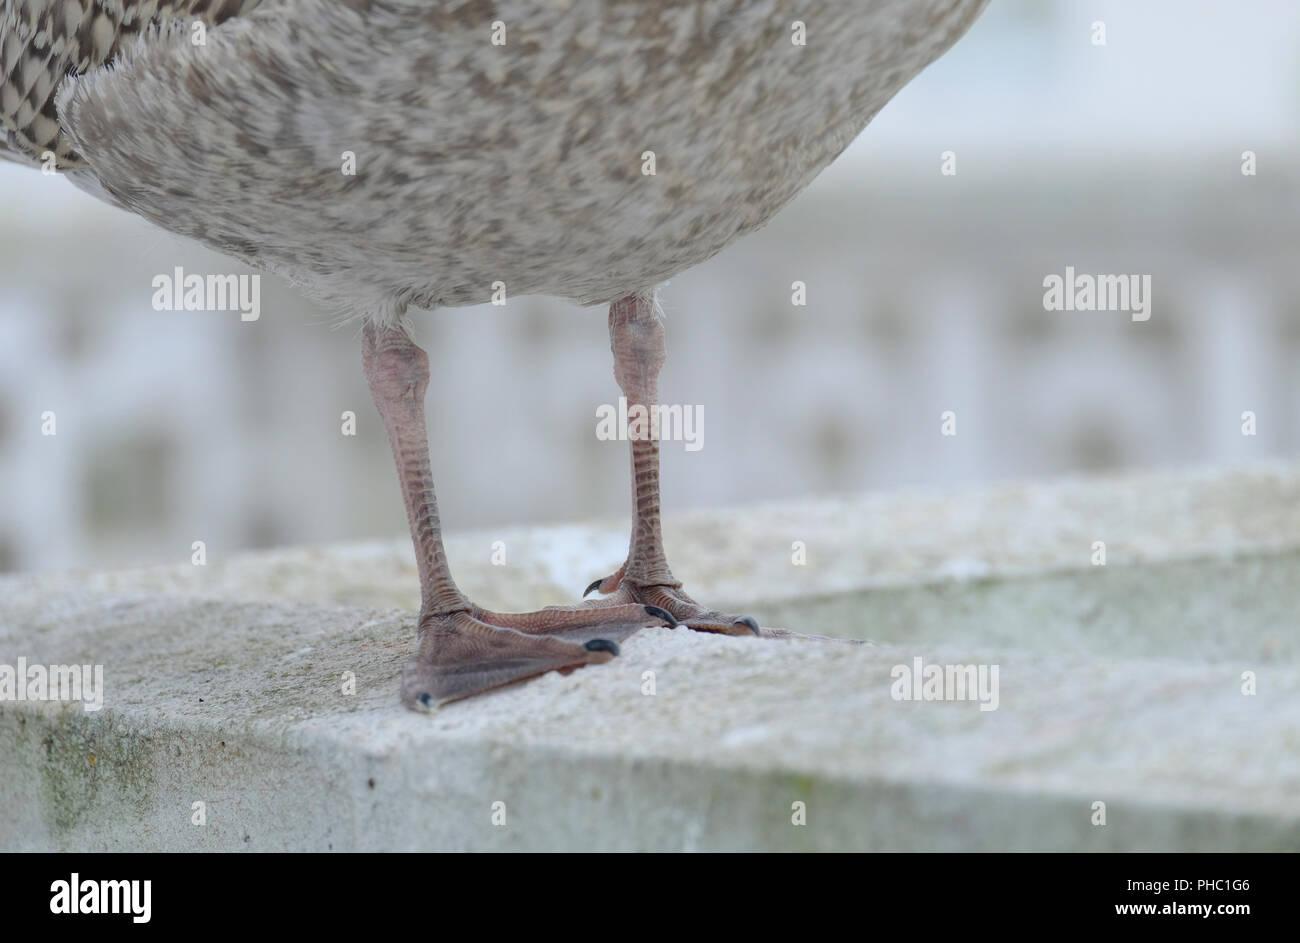 Neu flügge der Silbermöwe Beine und Schwimmhäuten. Stockbild